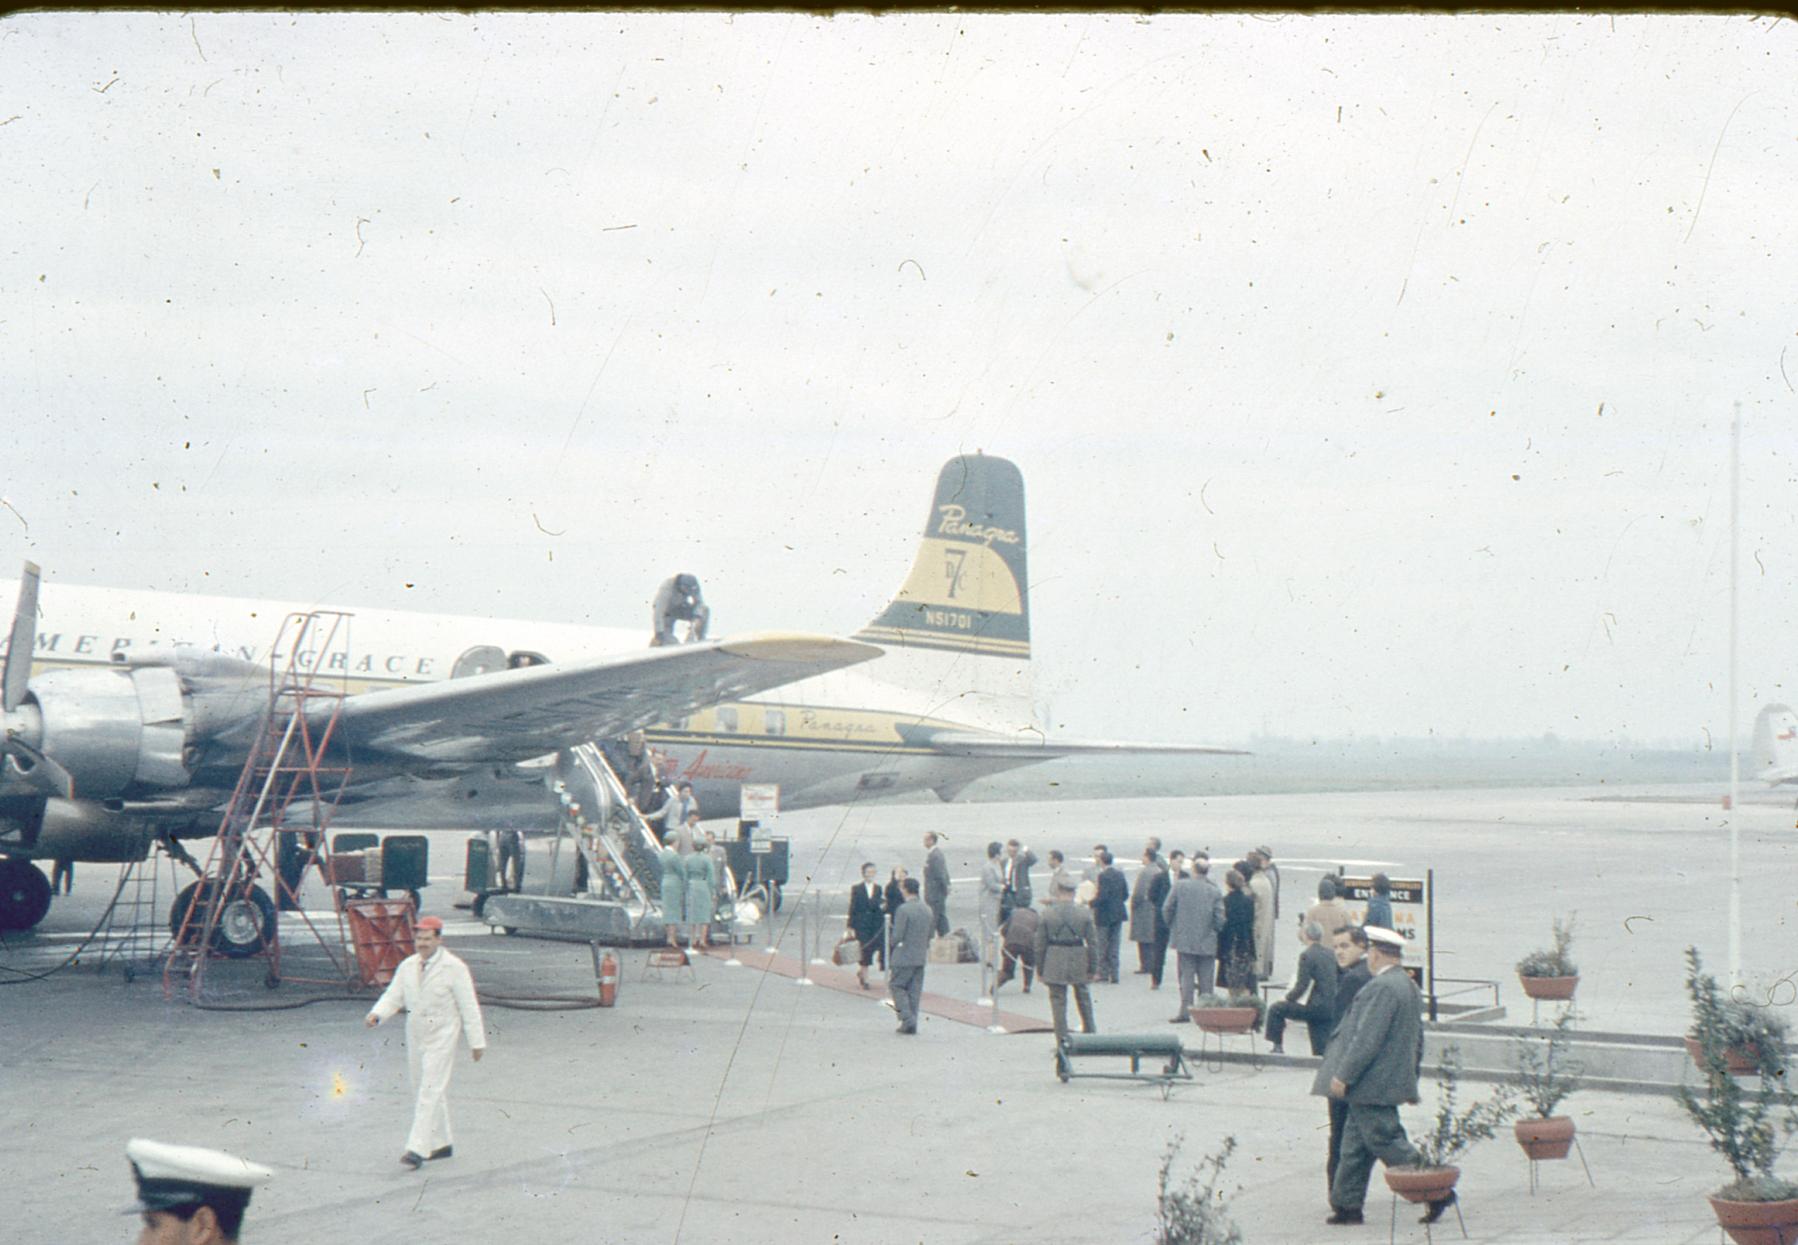 Enterreno - Fotos históricas de chile - fotos antiguas de Chile - Aeropuerto Cerrillos en 1959